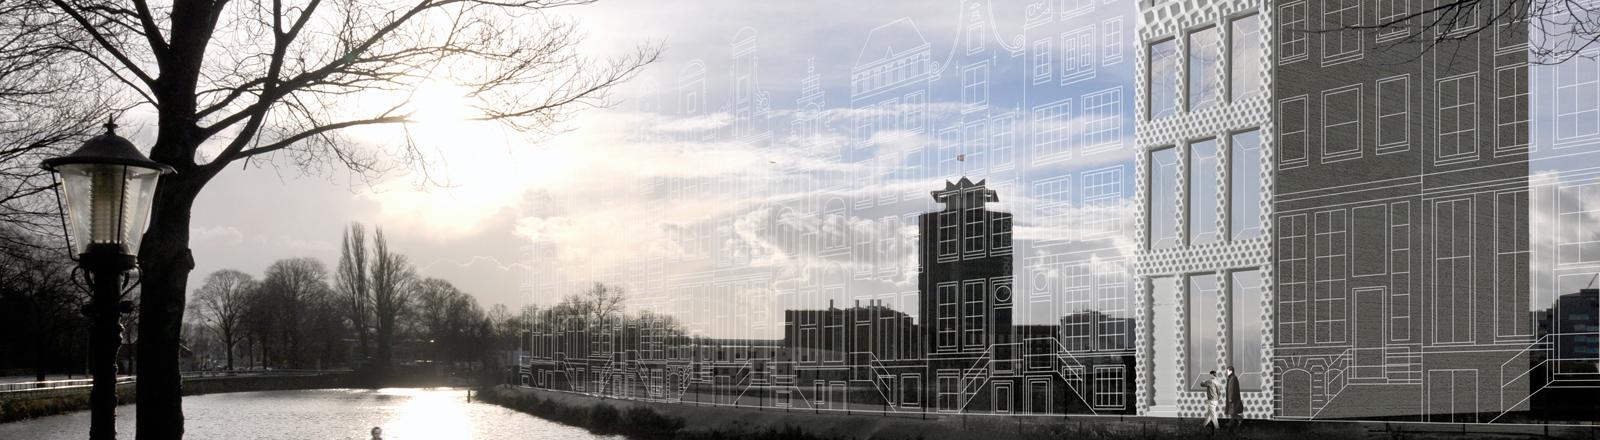 3D-Animation des Grachtenhauses. So soll es später einmal aussehen.